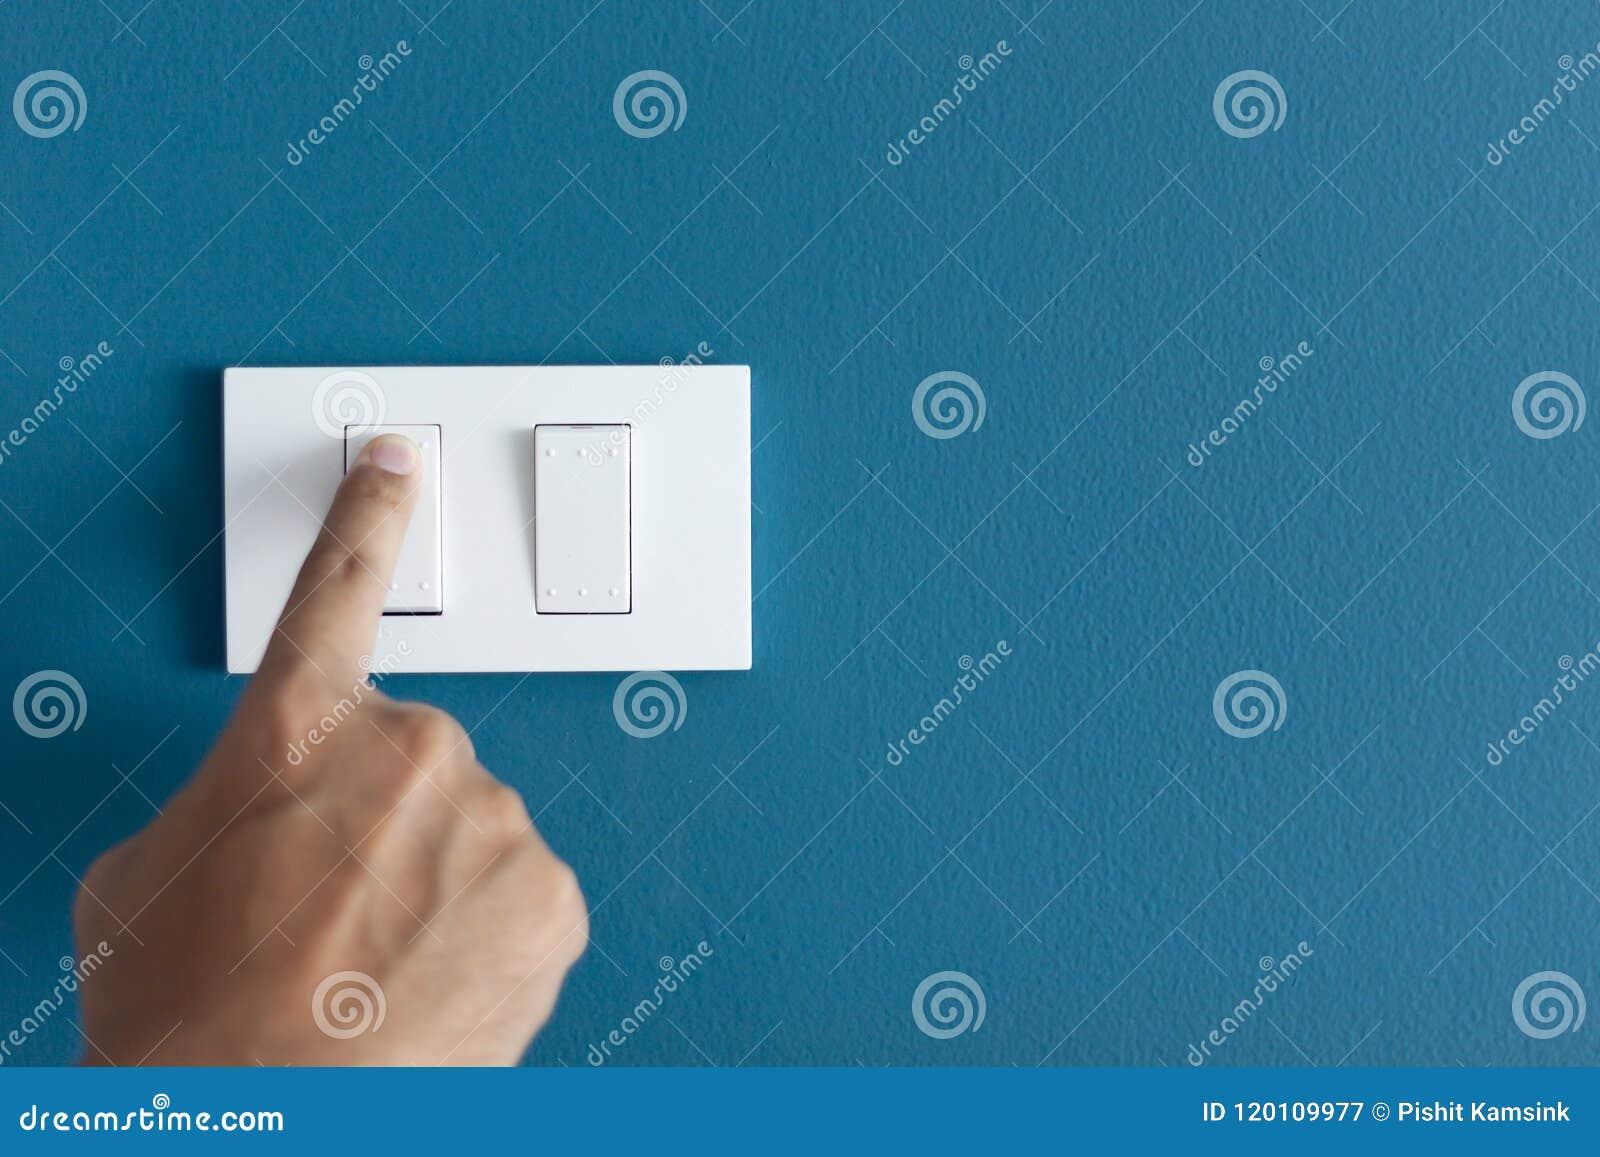 Um dedo que gira sobre o interruptor de iluminação em áspero na parede escura azul